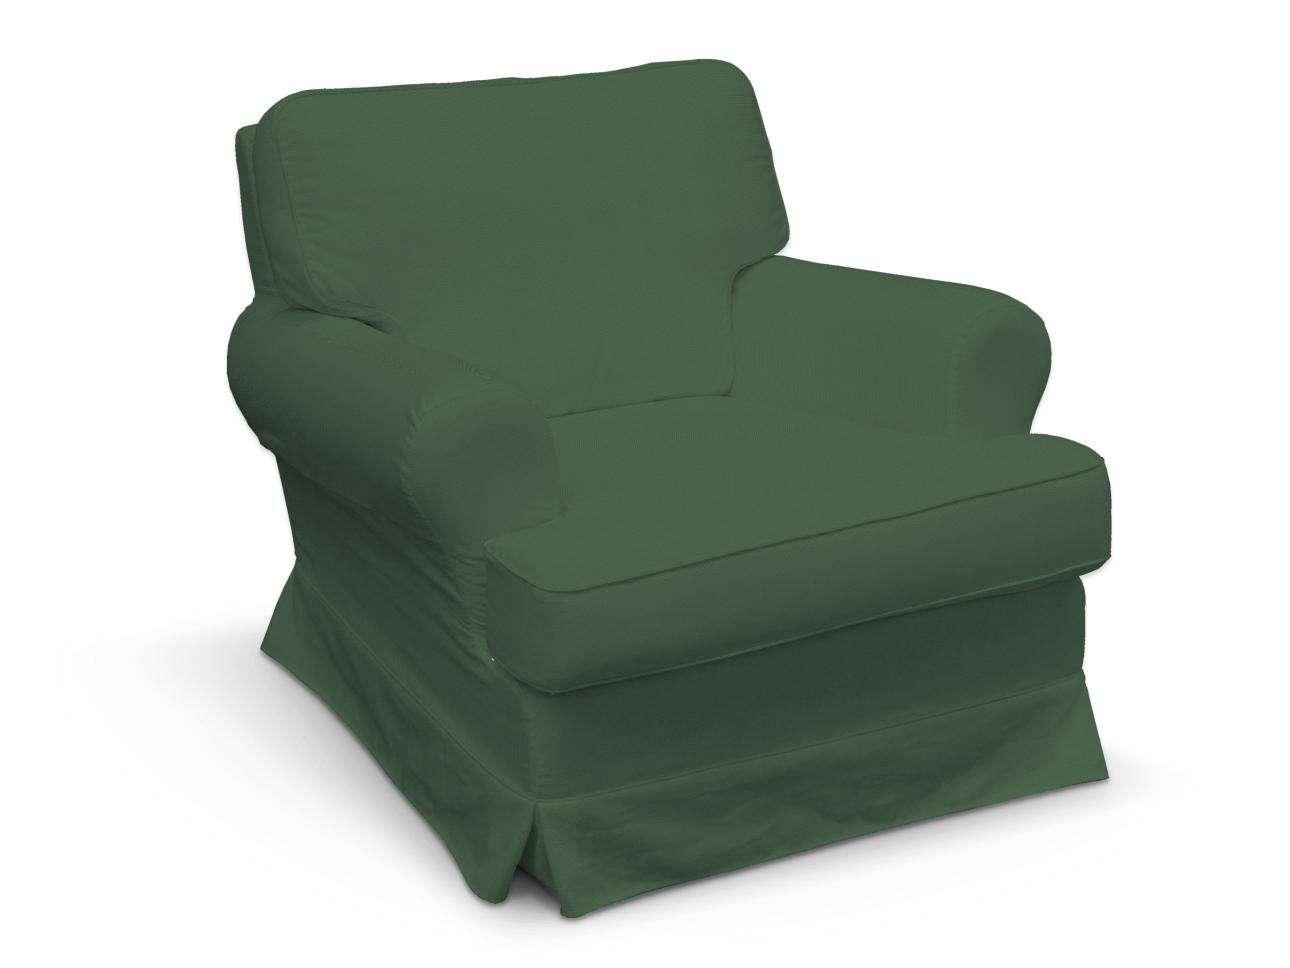 Barkaby fotelio užvalkalas Barkaby fotelio užvalkalas kolekcijoje Cotton Panama, audinys: 702-06